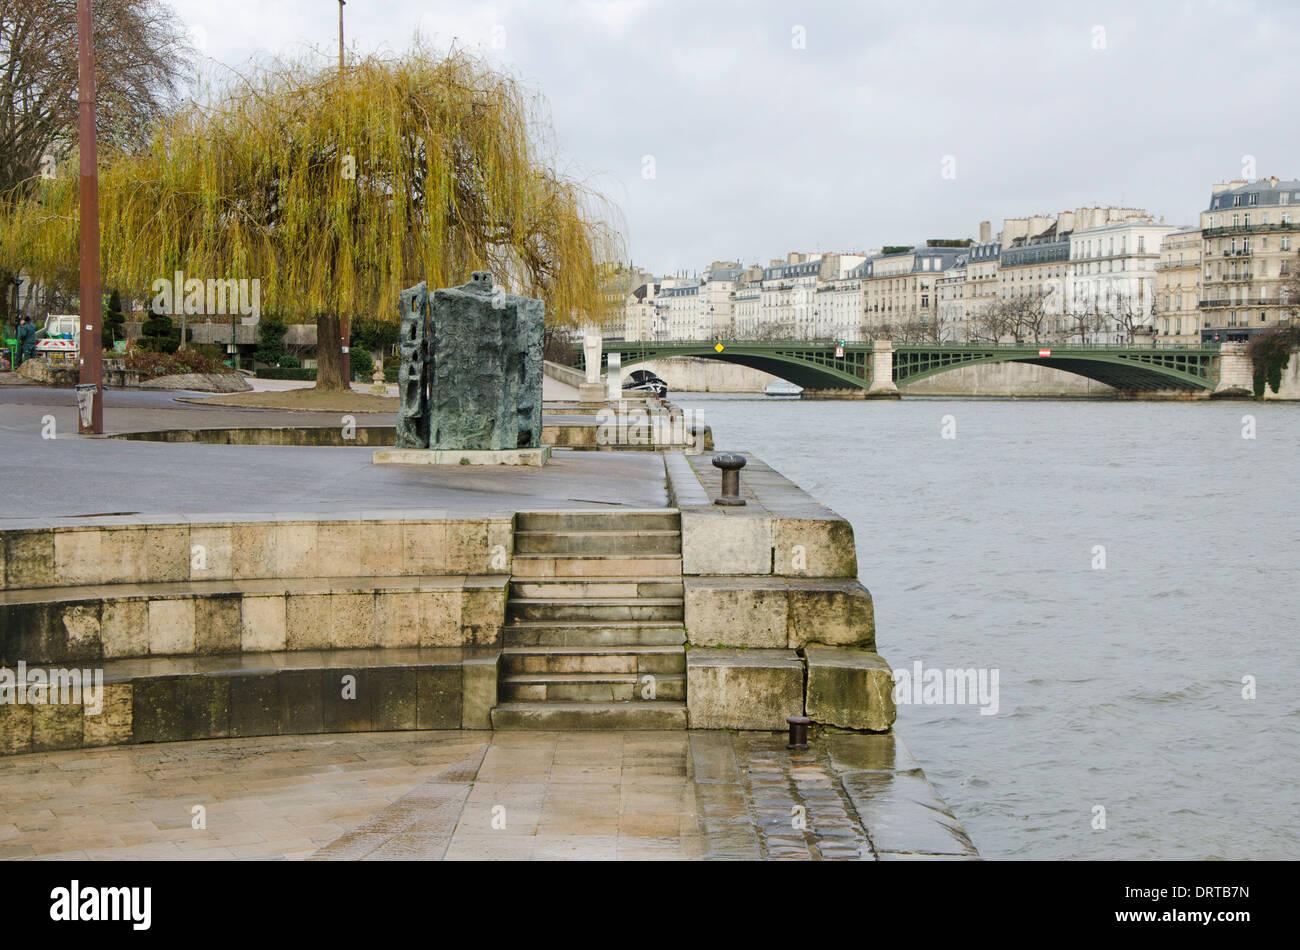 Pont Notre-dame, arch bridge over the river Seine to ile de la Cite in Paris, France. - Stock Image